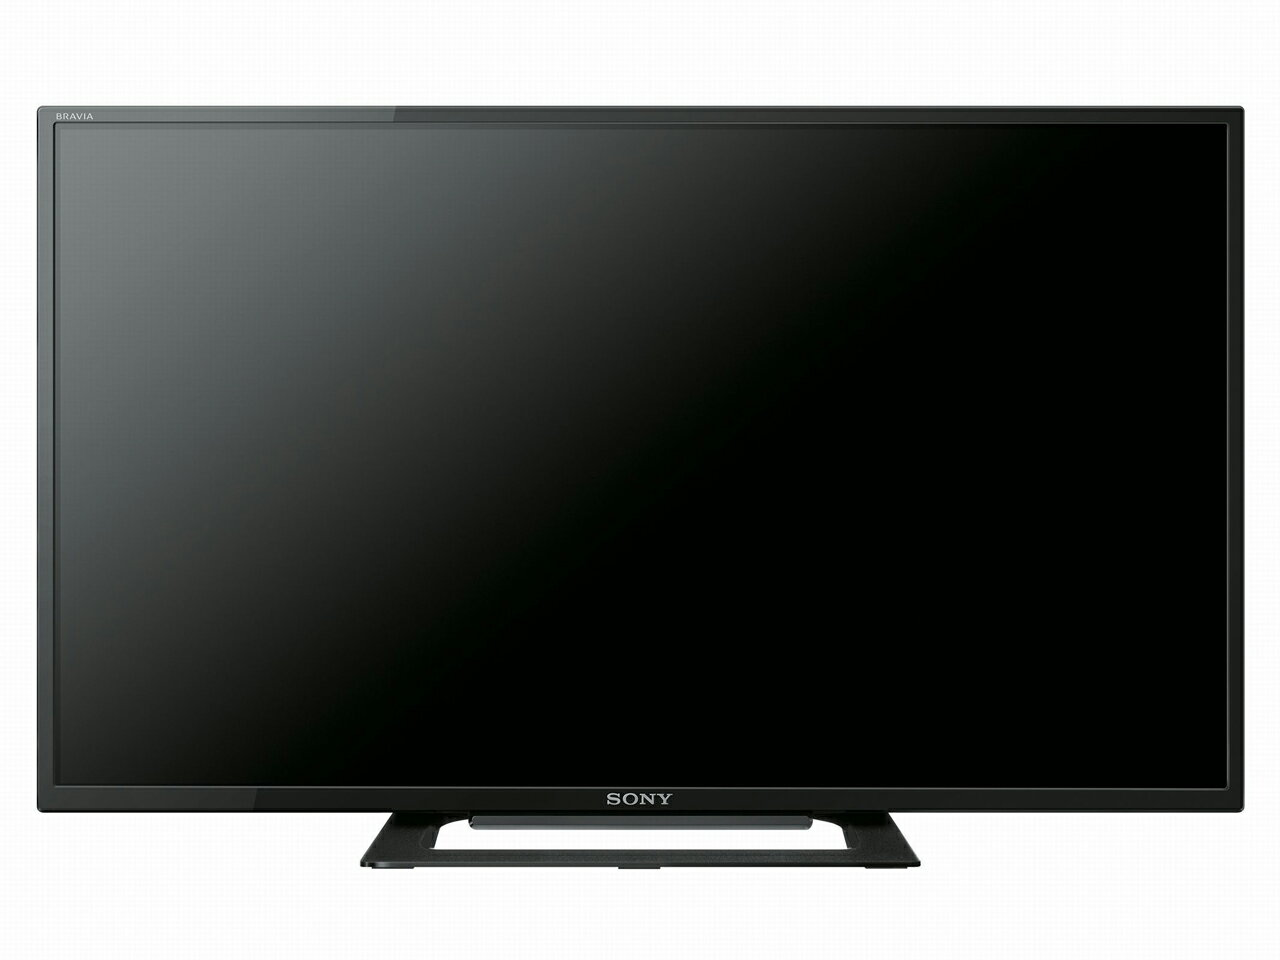 KJ-32W500E [32インチ] SONY BRAVIA 液晶テレビ【送料無料】【新品】【テレビ】【LED】【ブラビア】